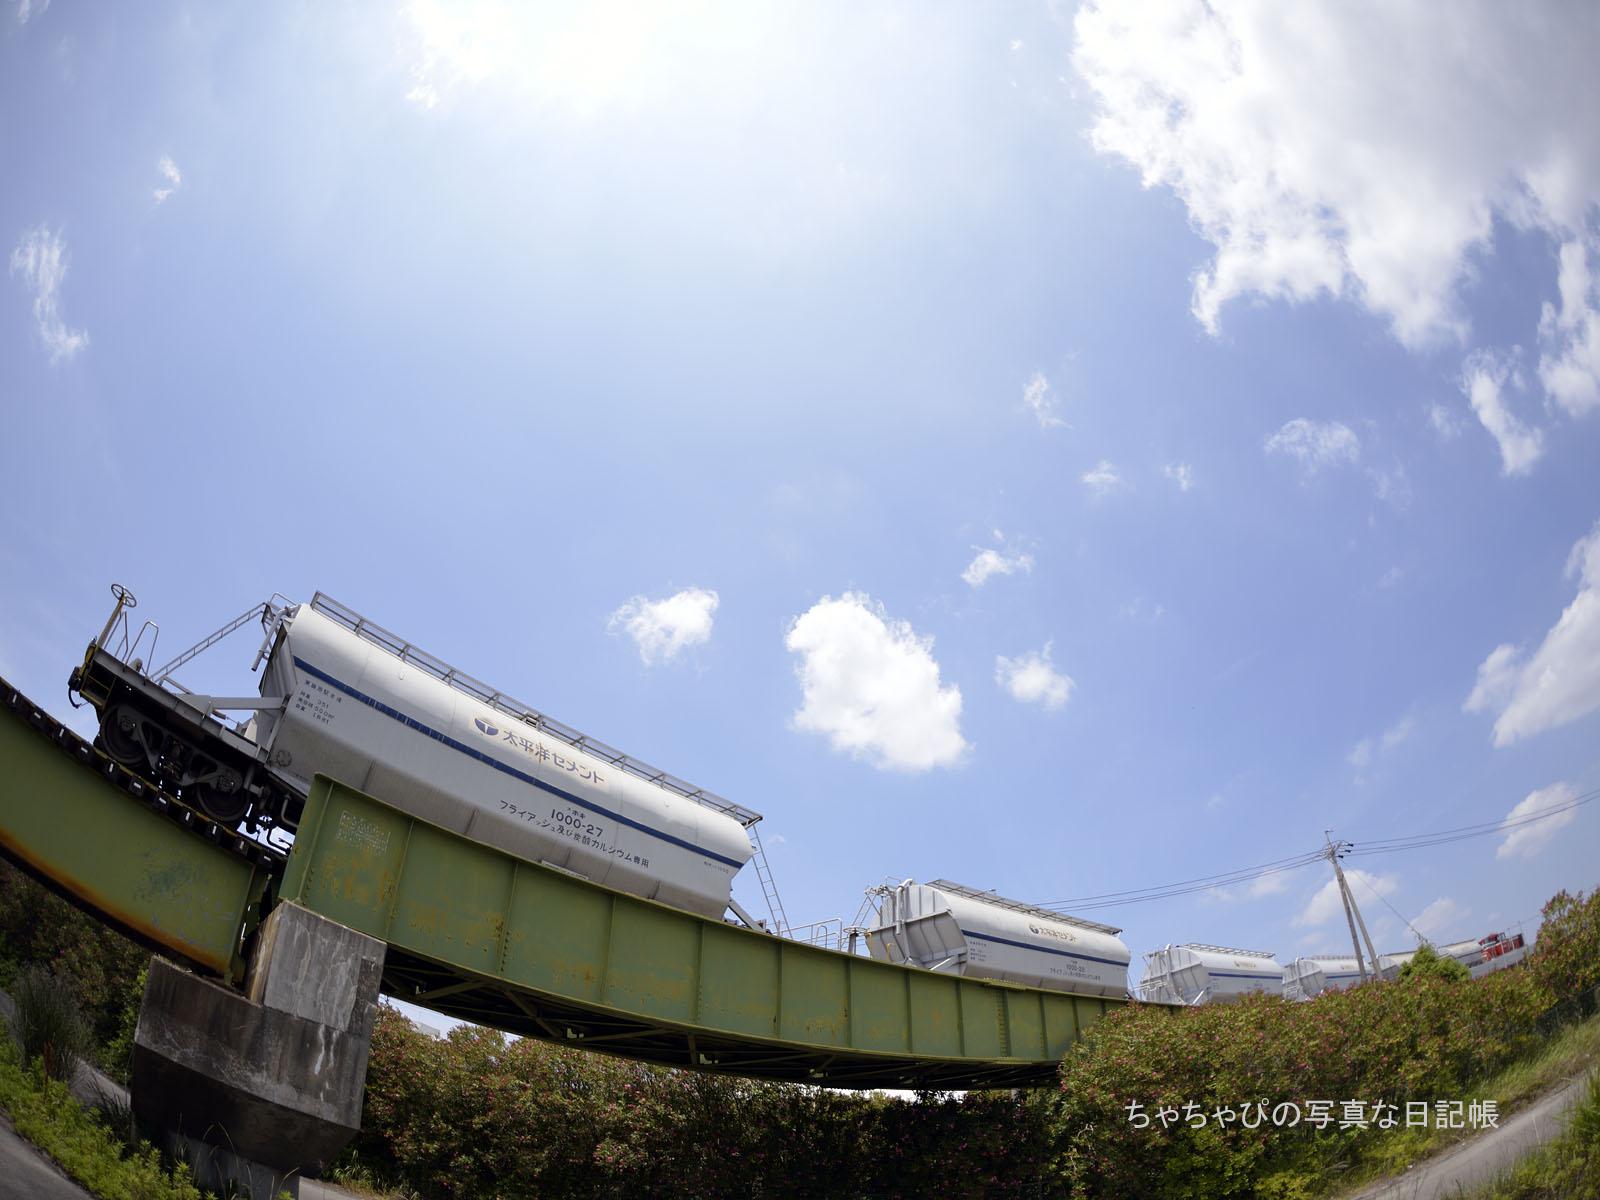 衣浦臨海鉄道 碧南線 5571レ